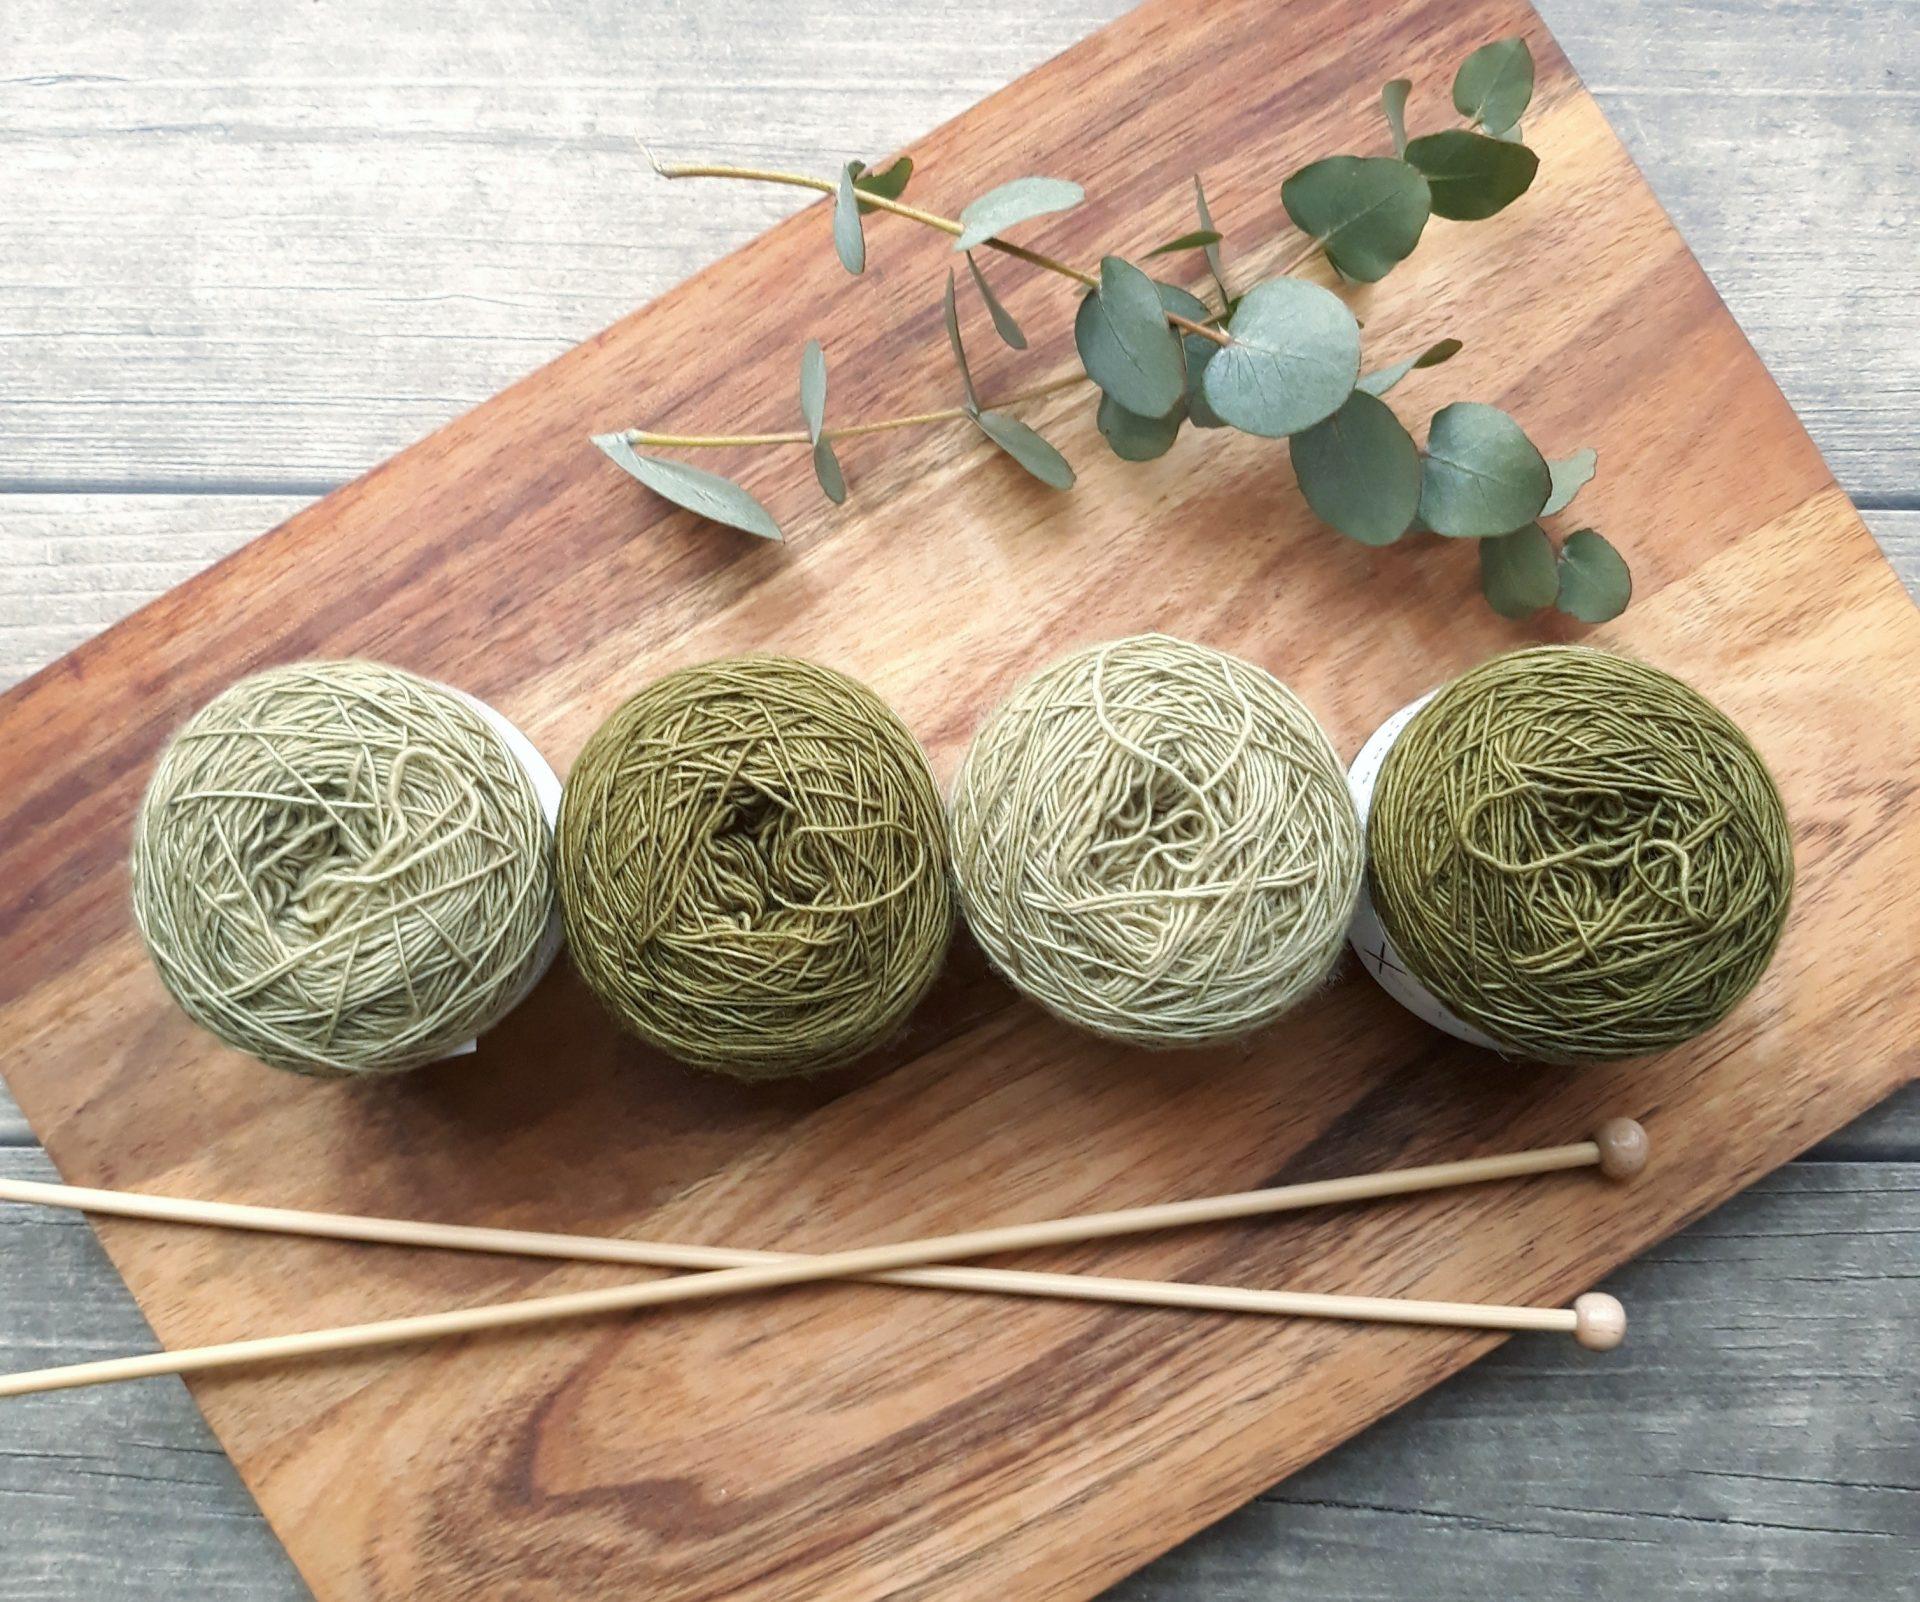 編み物で使用する道具の写真